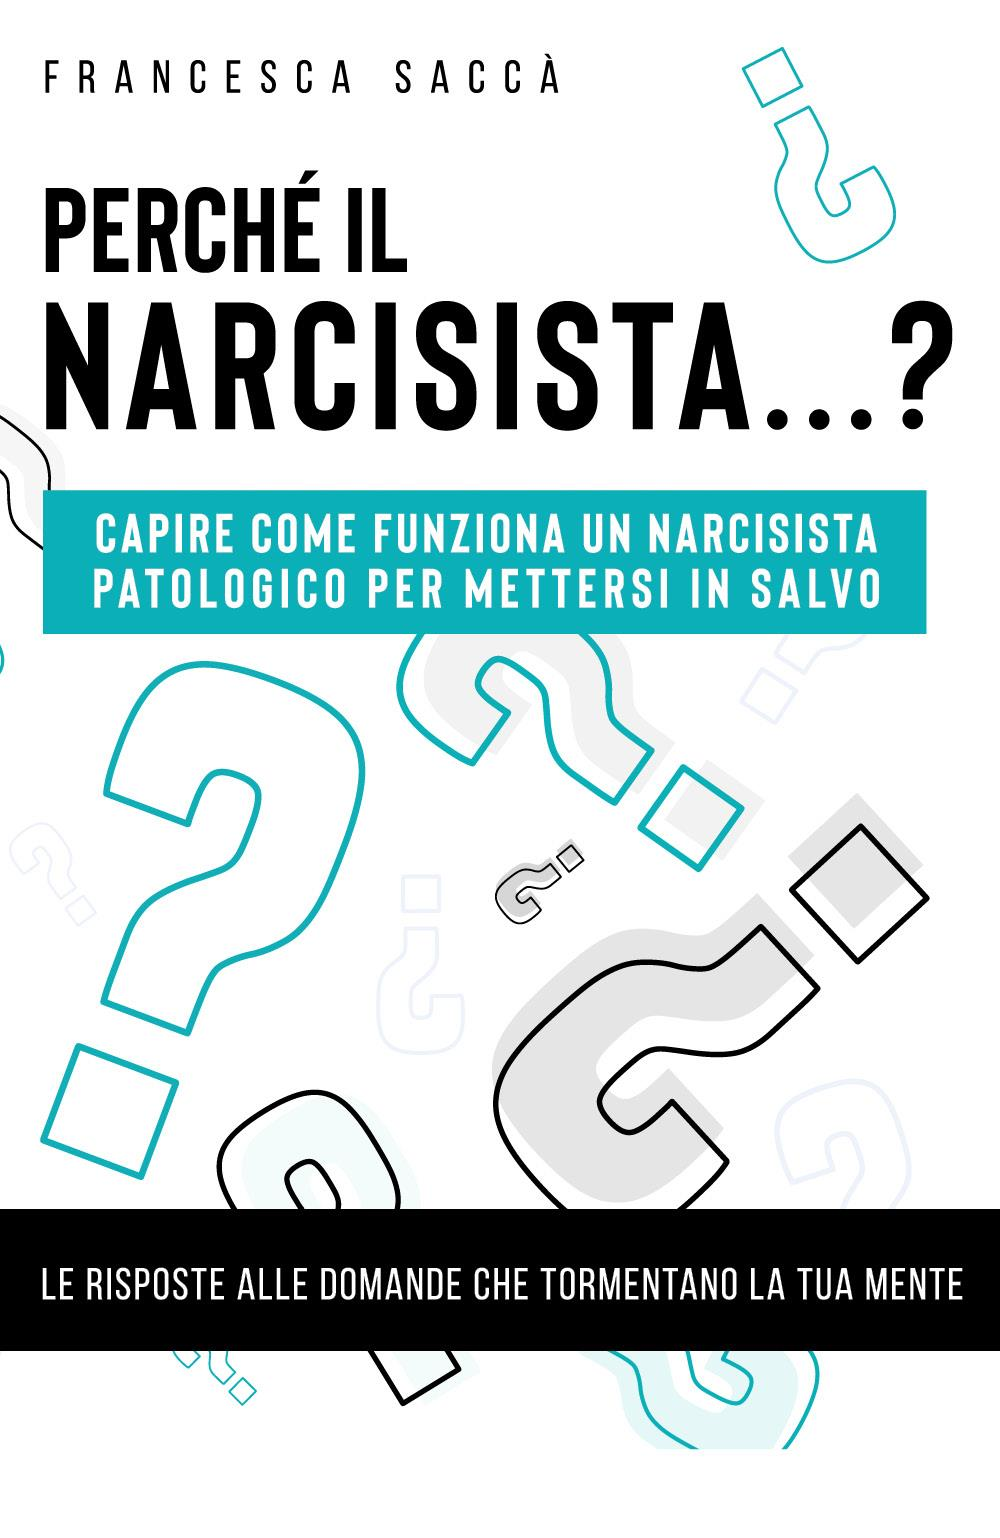 Perché il narcisista…? Capire come funziona un narcisista patologico per mettersi in salvo